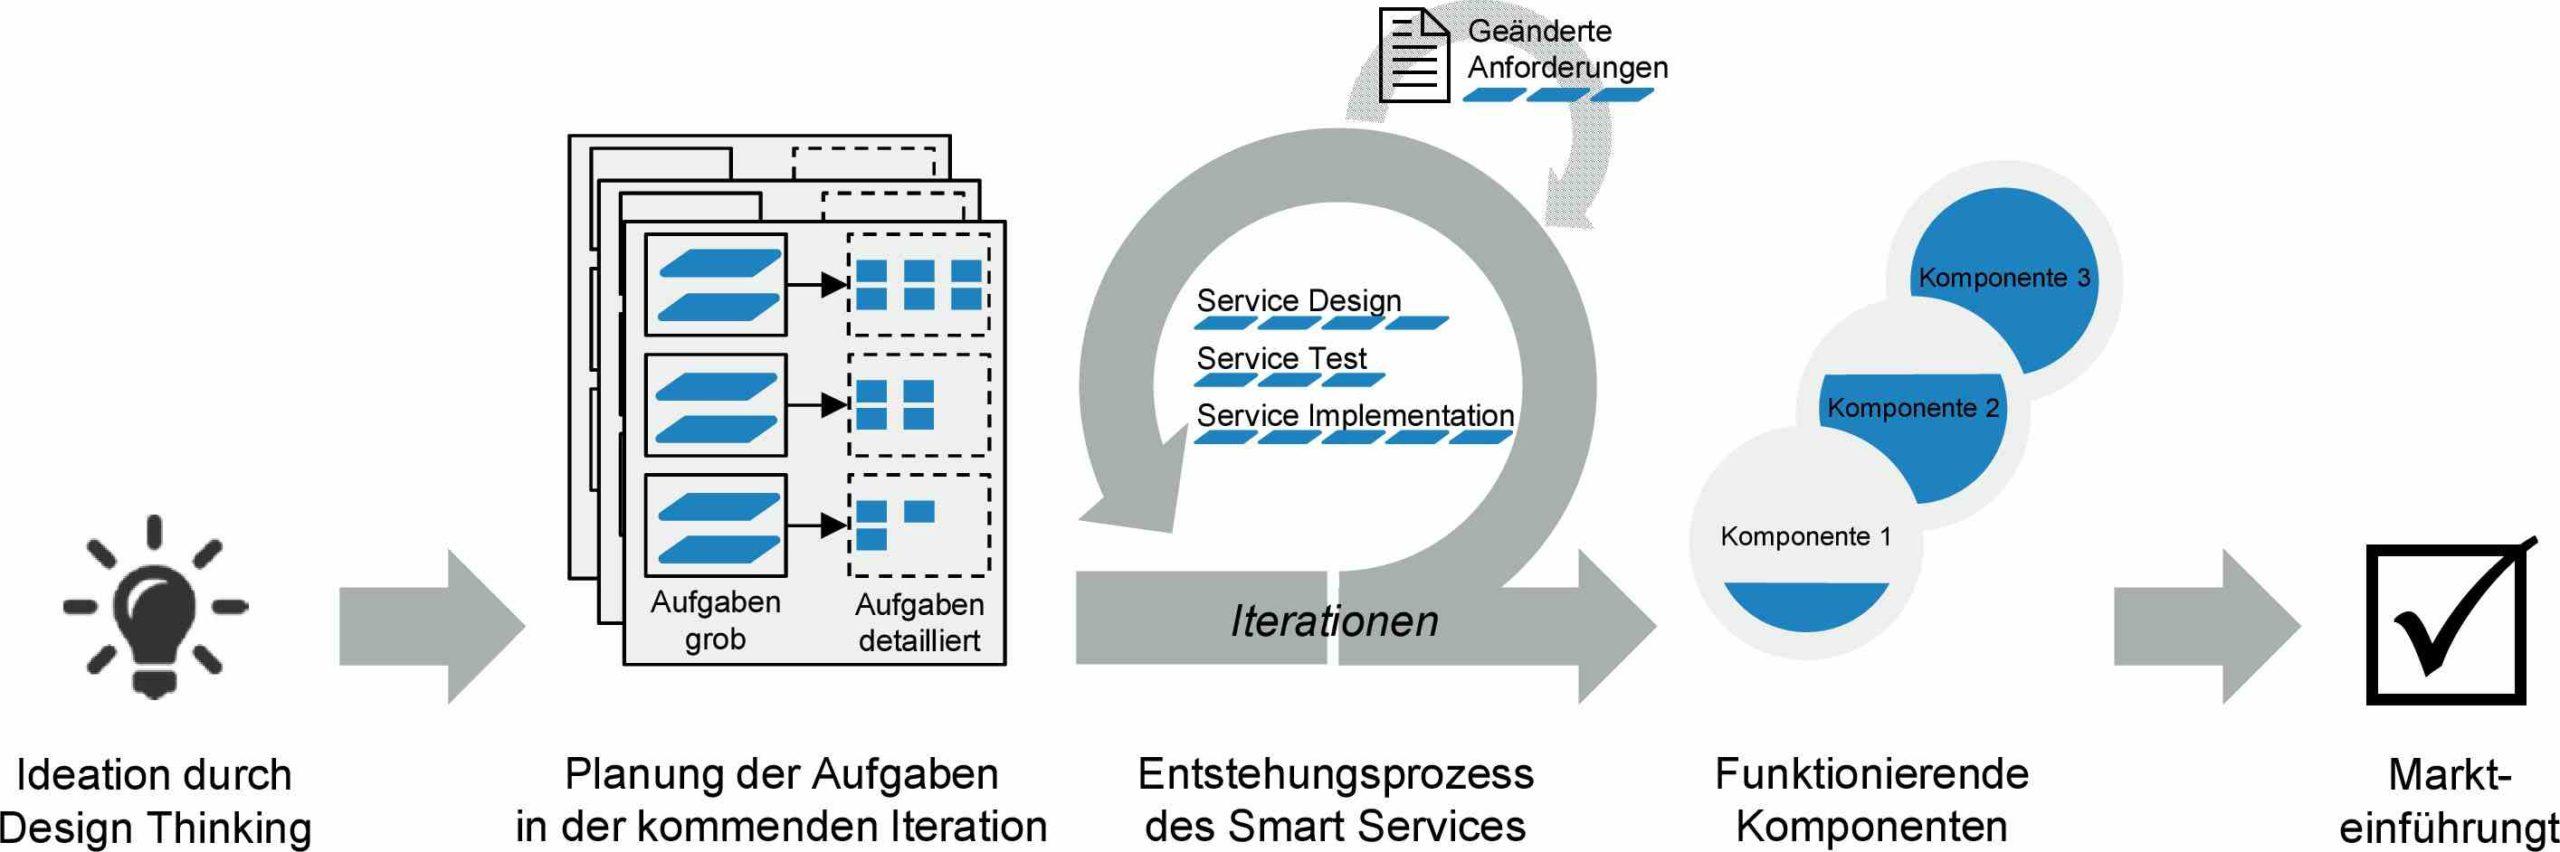 Umsetzung des Referenzmodells als agilen Entwicklungsprozess Bild: Fraunhofer IAO